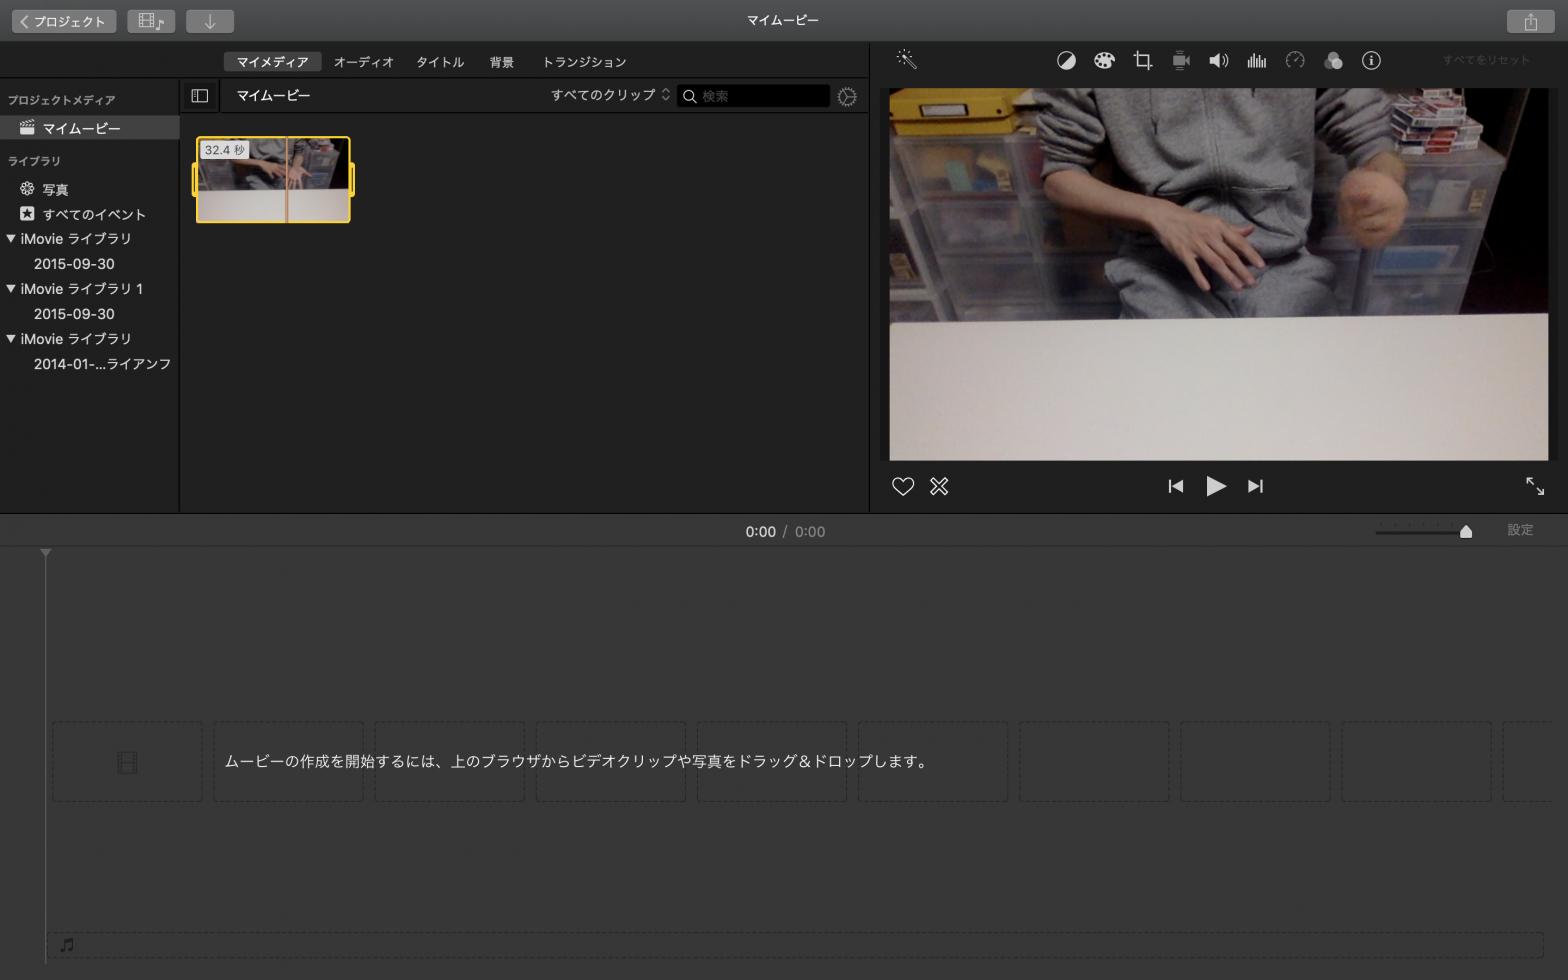 iMovieスクリーンショット